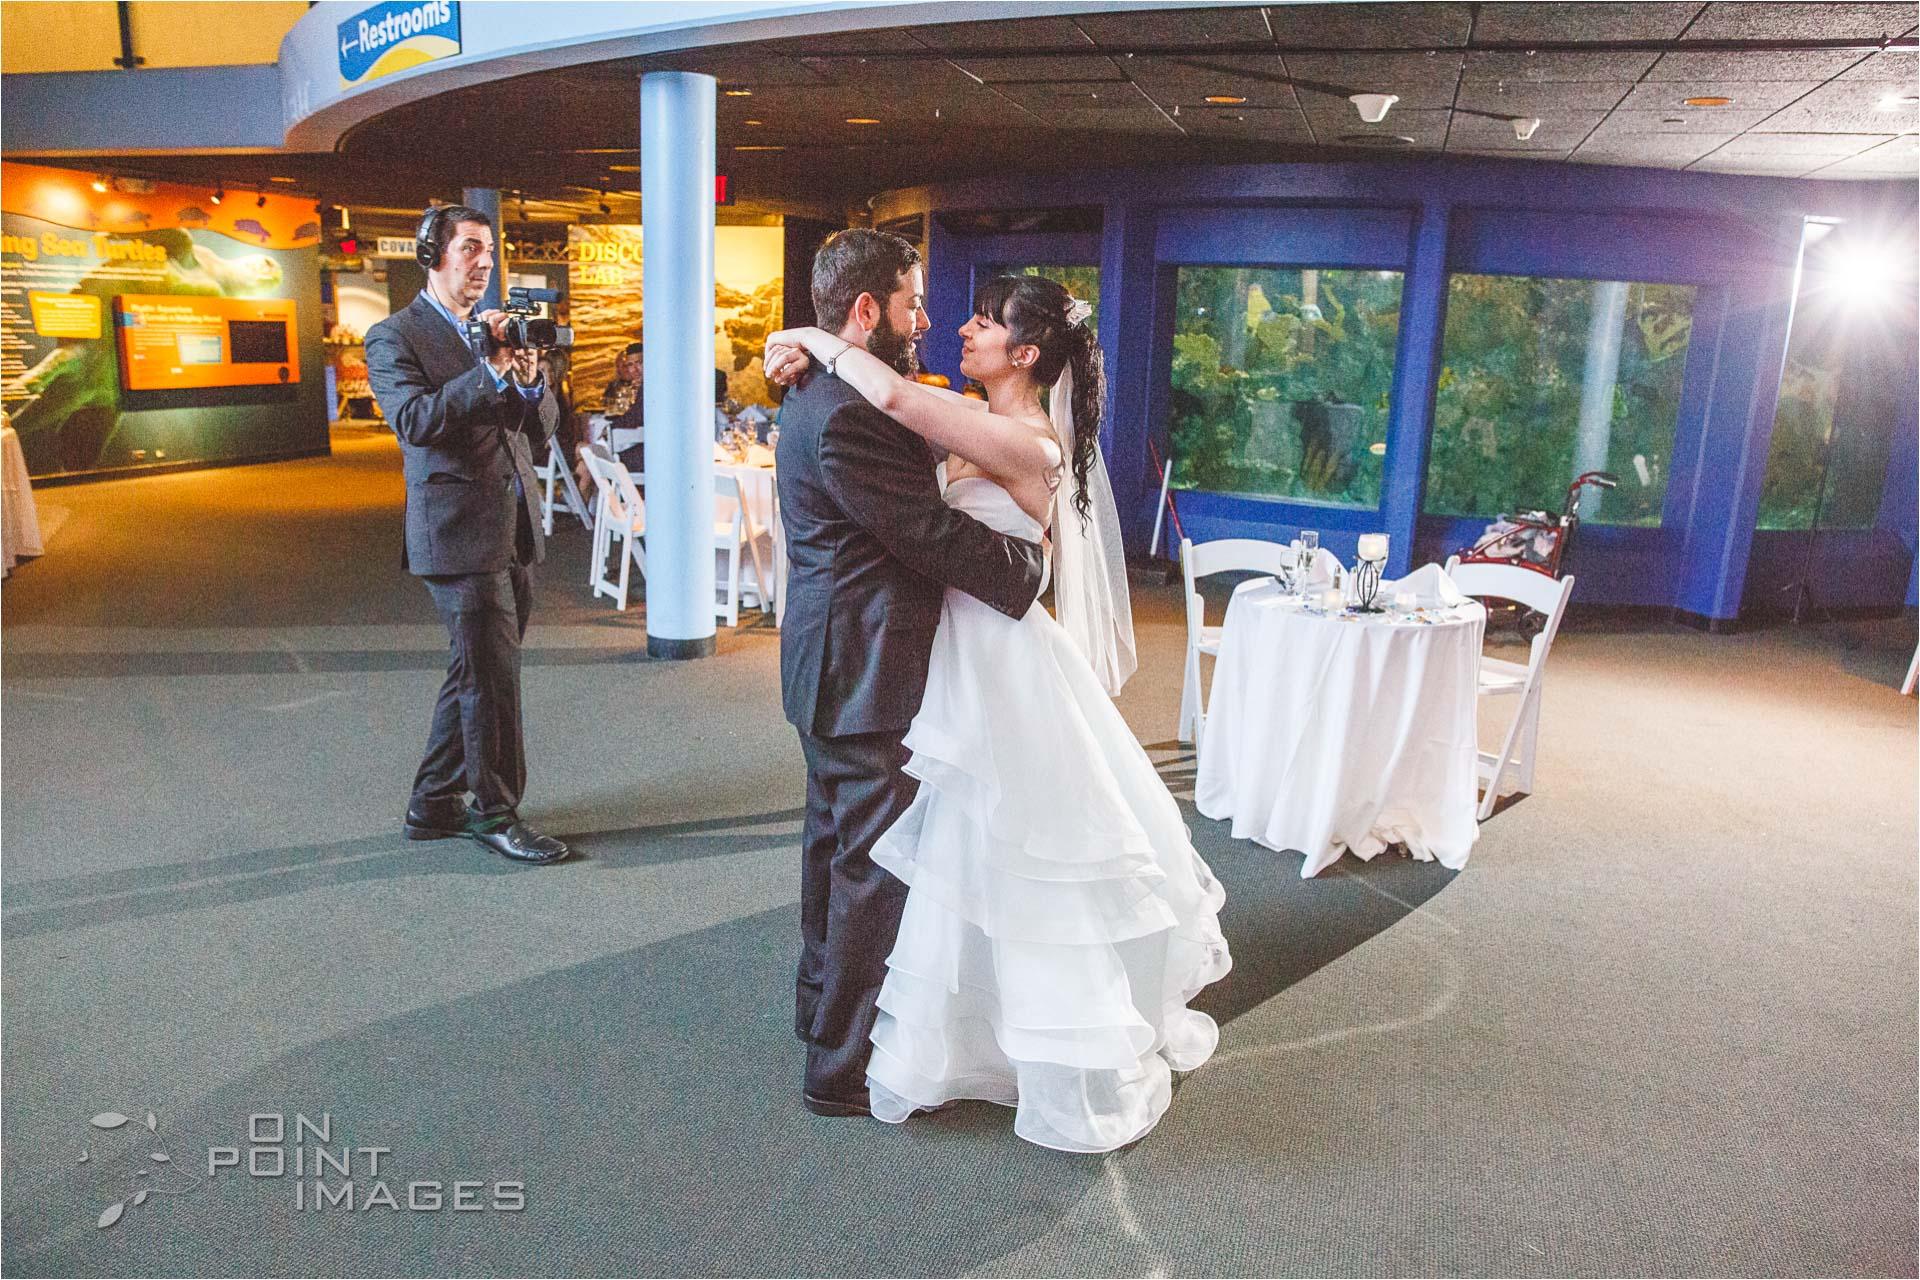 mystic-aquarium-wedding-photographs-31.jpg